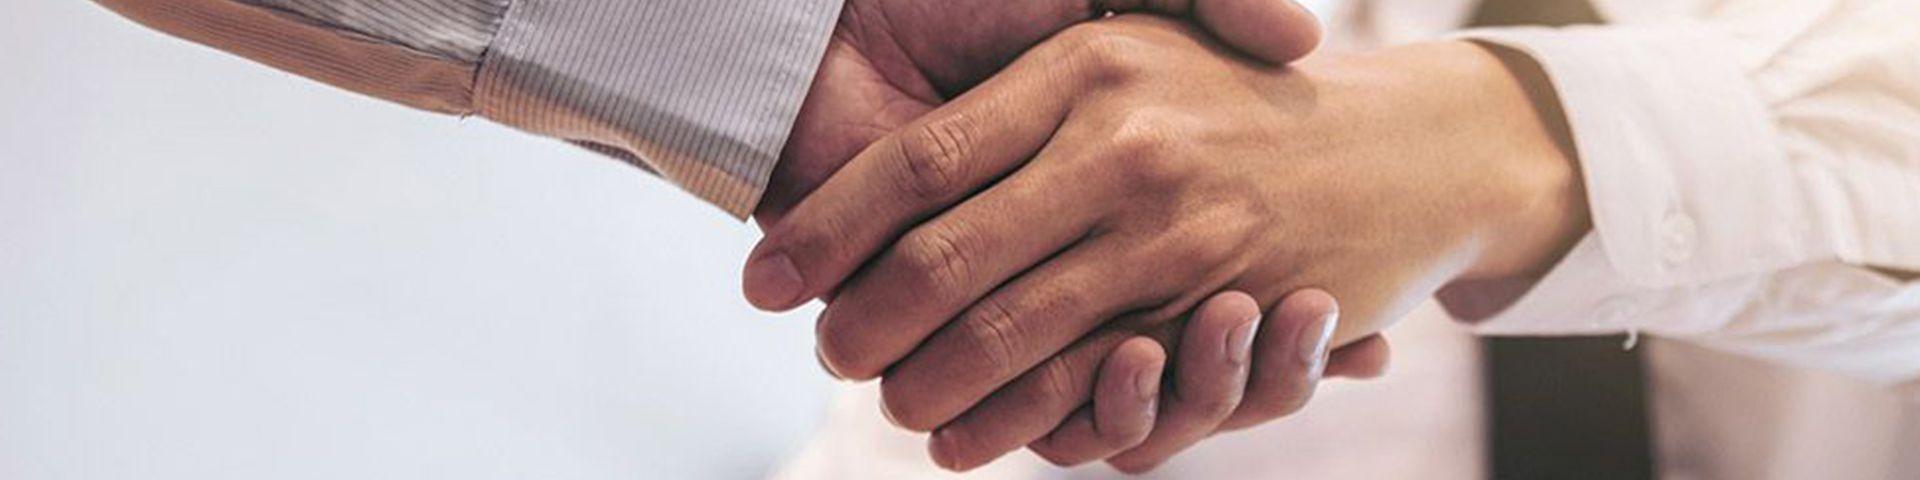 Habilidades de comunicación con el cliente para vendedores